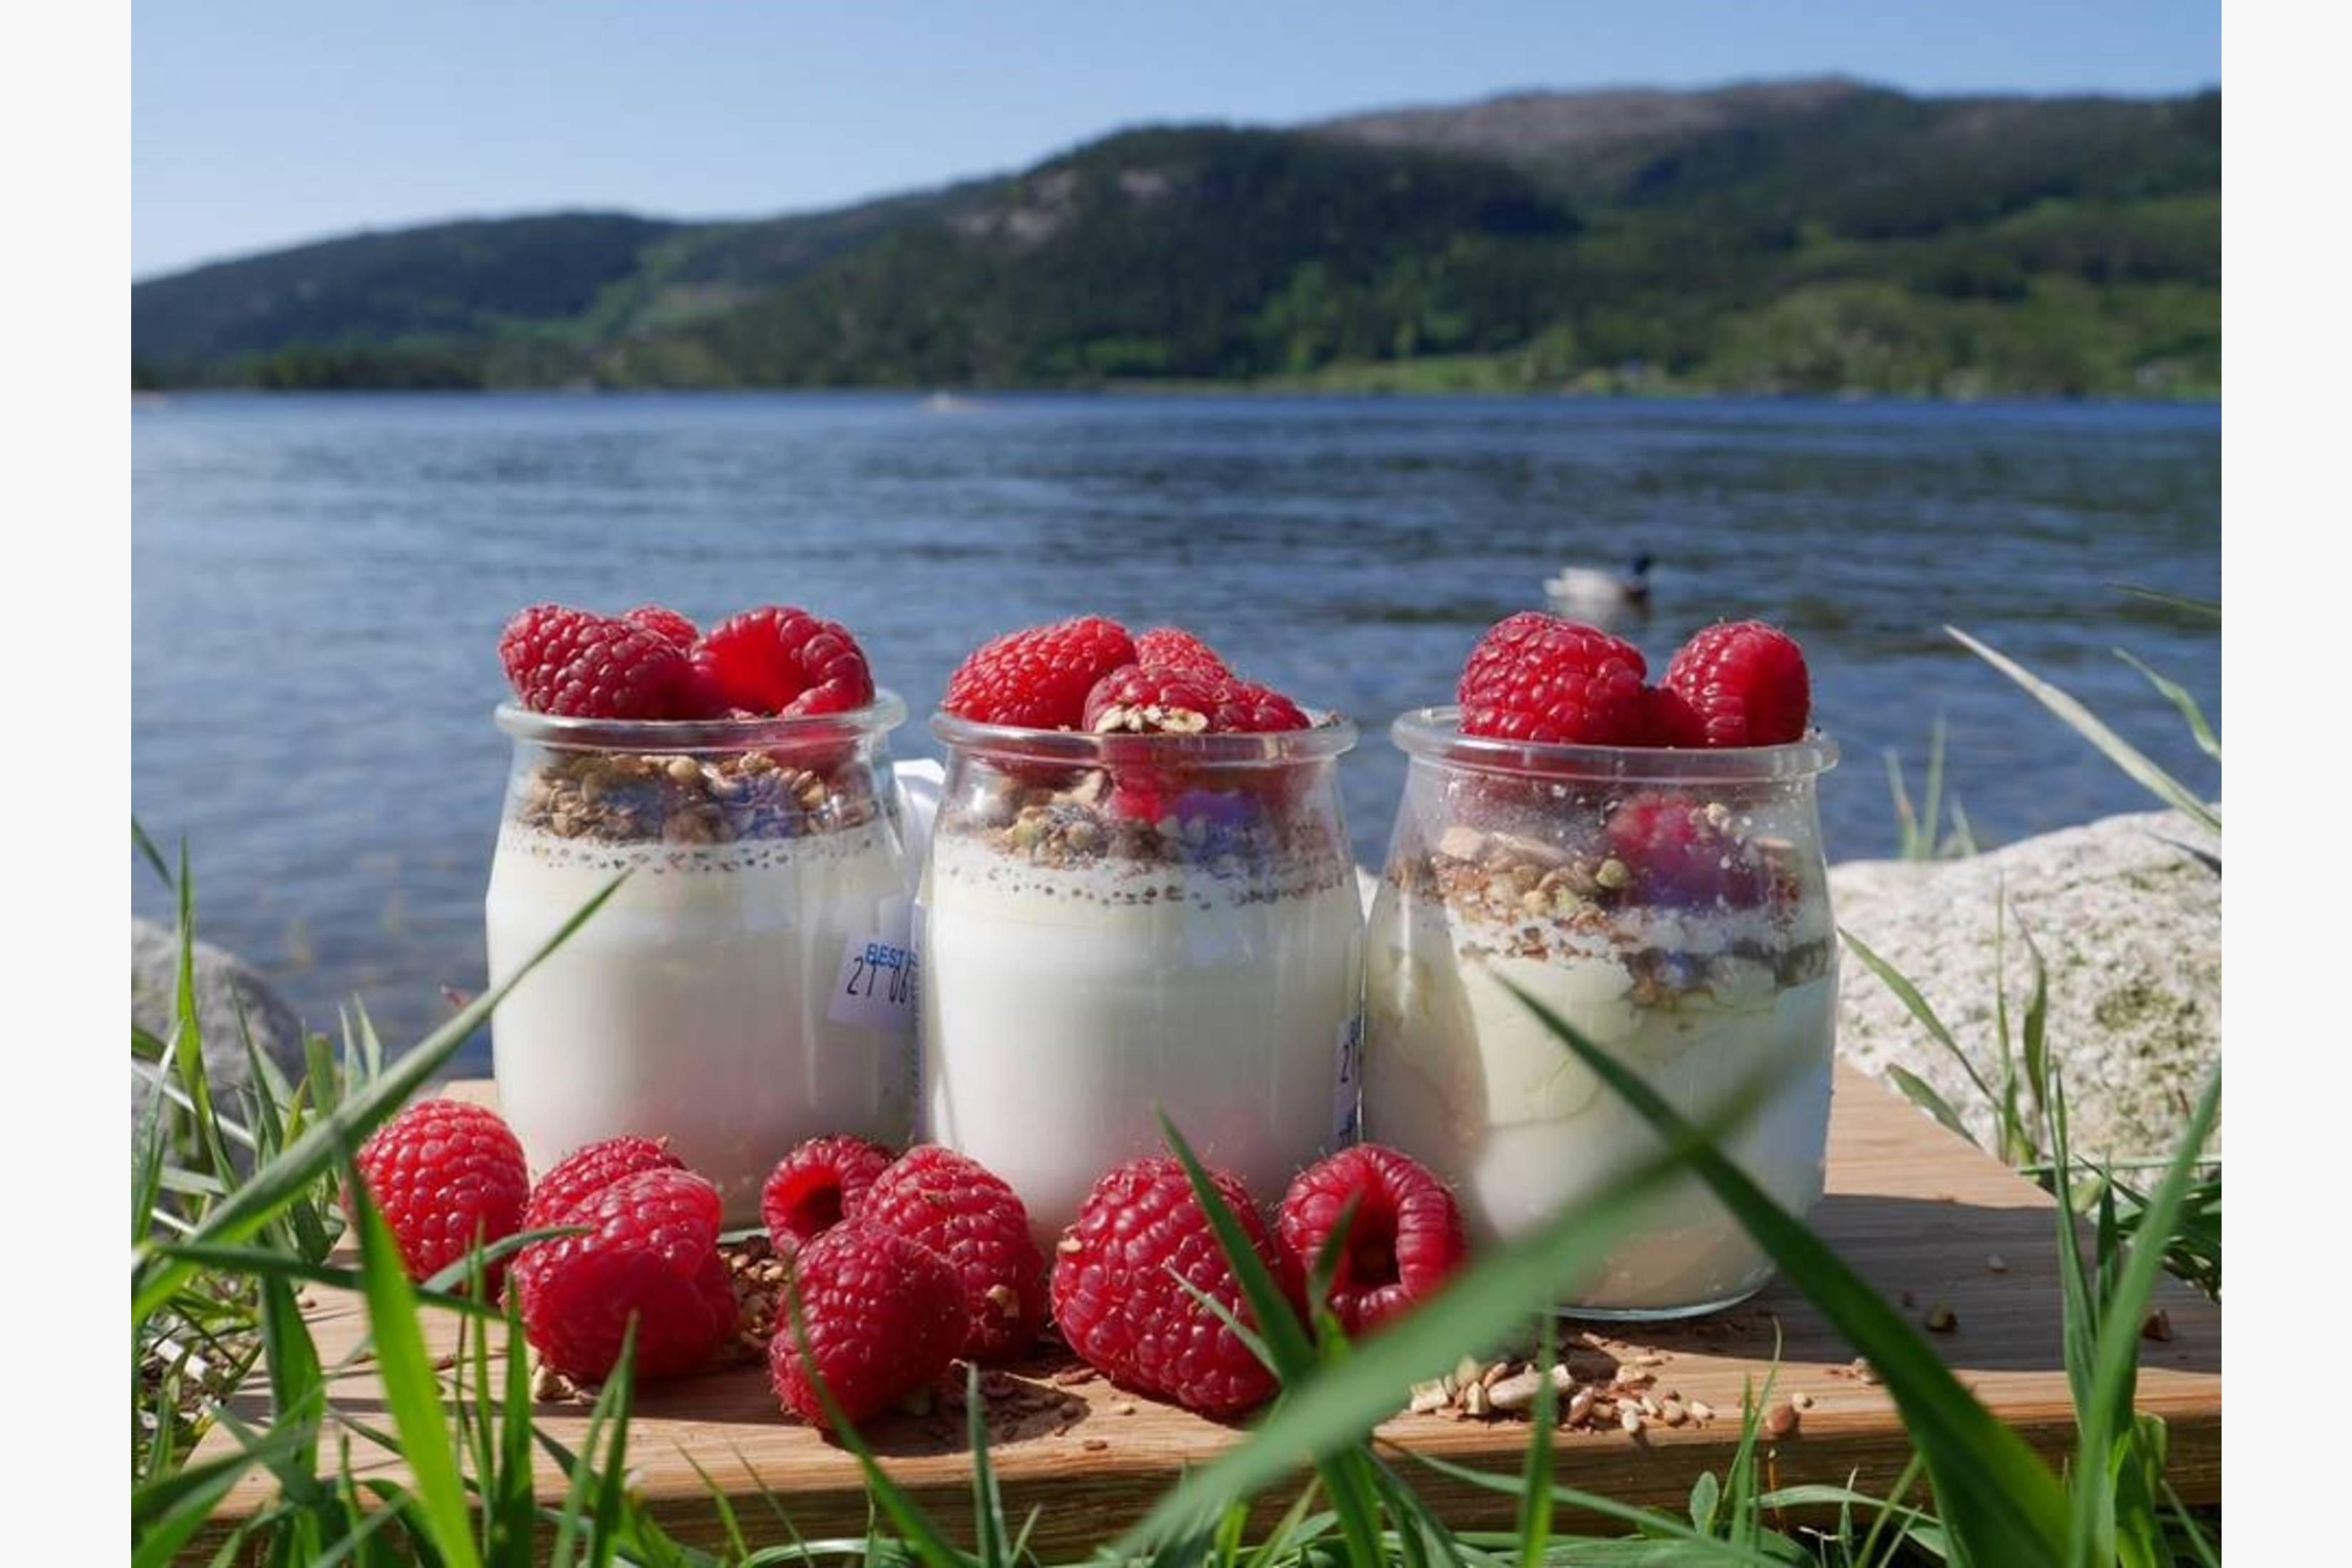 STJERNA-YOGHURT er naturell og urørt. Den ligner litt på den greske yoghurten, men med den unike smaken av Jersey- og Sidet Trønder og Nordlandsfe-melk. Matcompaniet omtaler Stjerna yoghurt slik: Folka på Tjamsland gård har kommet med enda et fersk og friskt melkeprodukt; økologisk yoghurt laget på dagfersk og ureist melk fra de seks kuene som nå melkes på Tjamsland i Birkenes. I god Tjamsland- tradisjon er Yoghurten oppkalt etter en av kuene som har beitet på jordene rundt gården. Den har en mild og fin syrlighet som balanseres perfekt med melkesødmen. Yoghurten nytes gjerne naturell, blandet med friske bær eller ditt favorittsyltetøy.